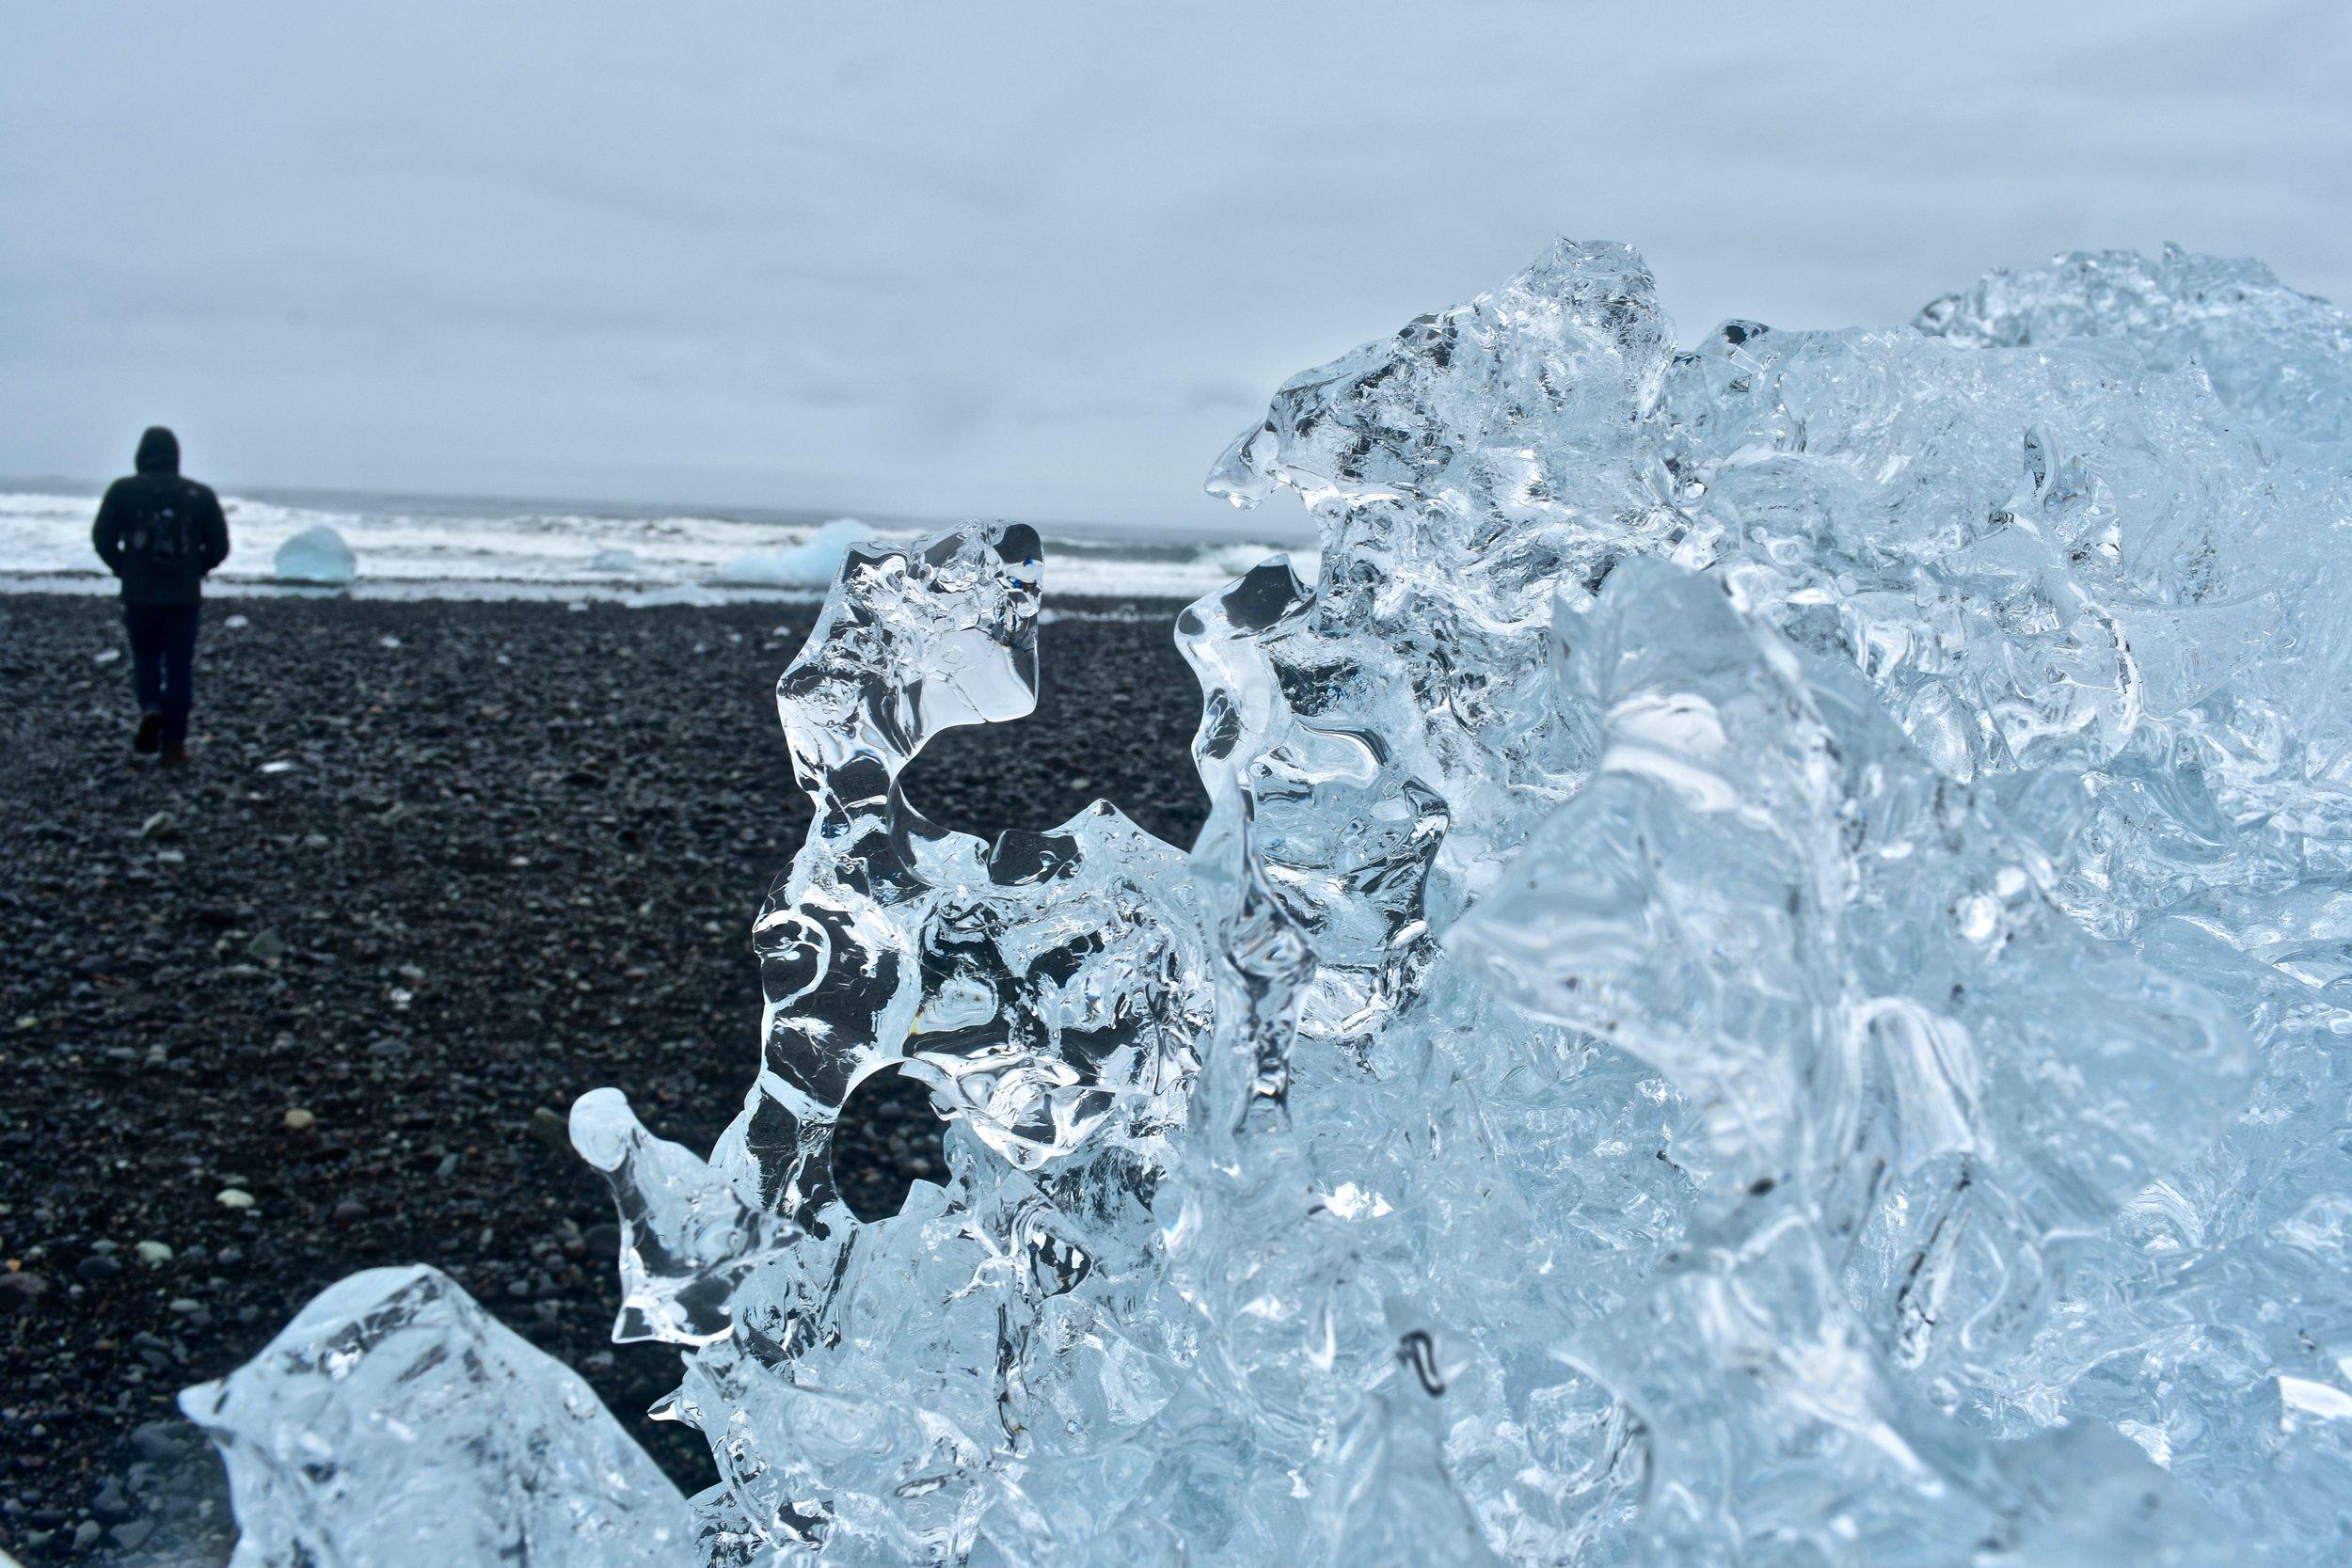 Diamond Beach at Jökulsárlón glacial lagoon - South Coast of Iceland